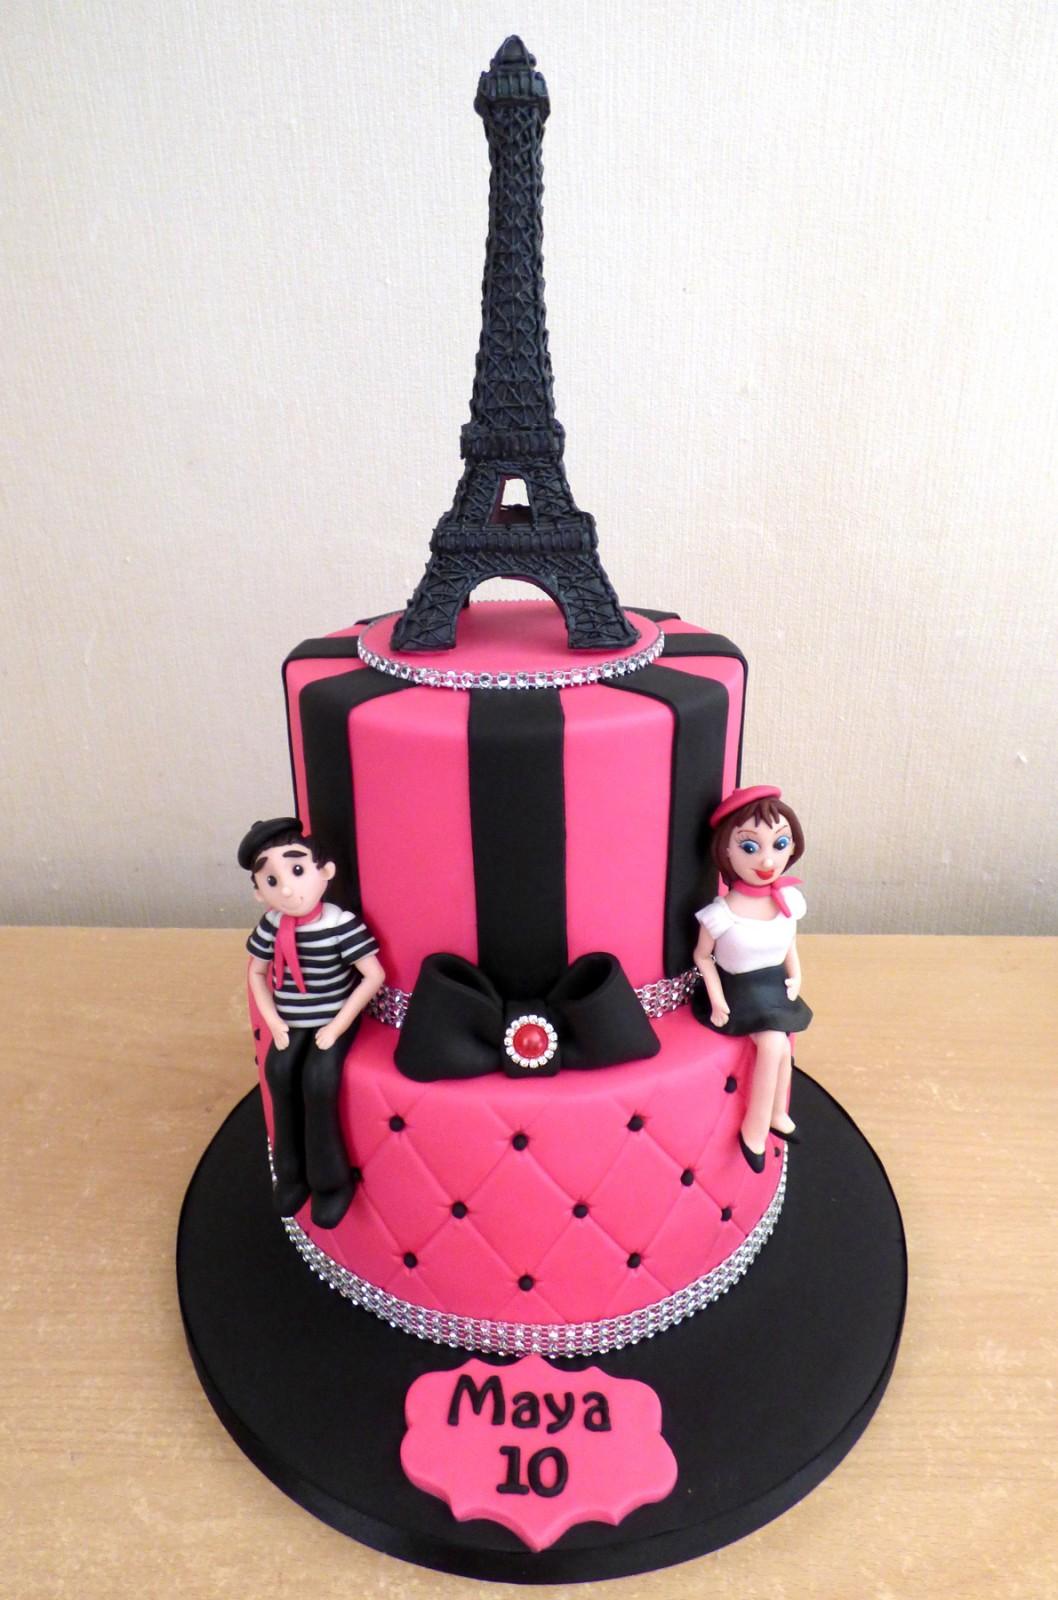 Awe Inspiring 2 Tier Paris Themed Birthday Cake Susies Cakes Funny Birthday Cards Online Alyptdamsfinfo